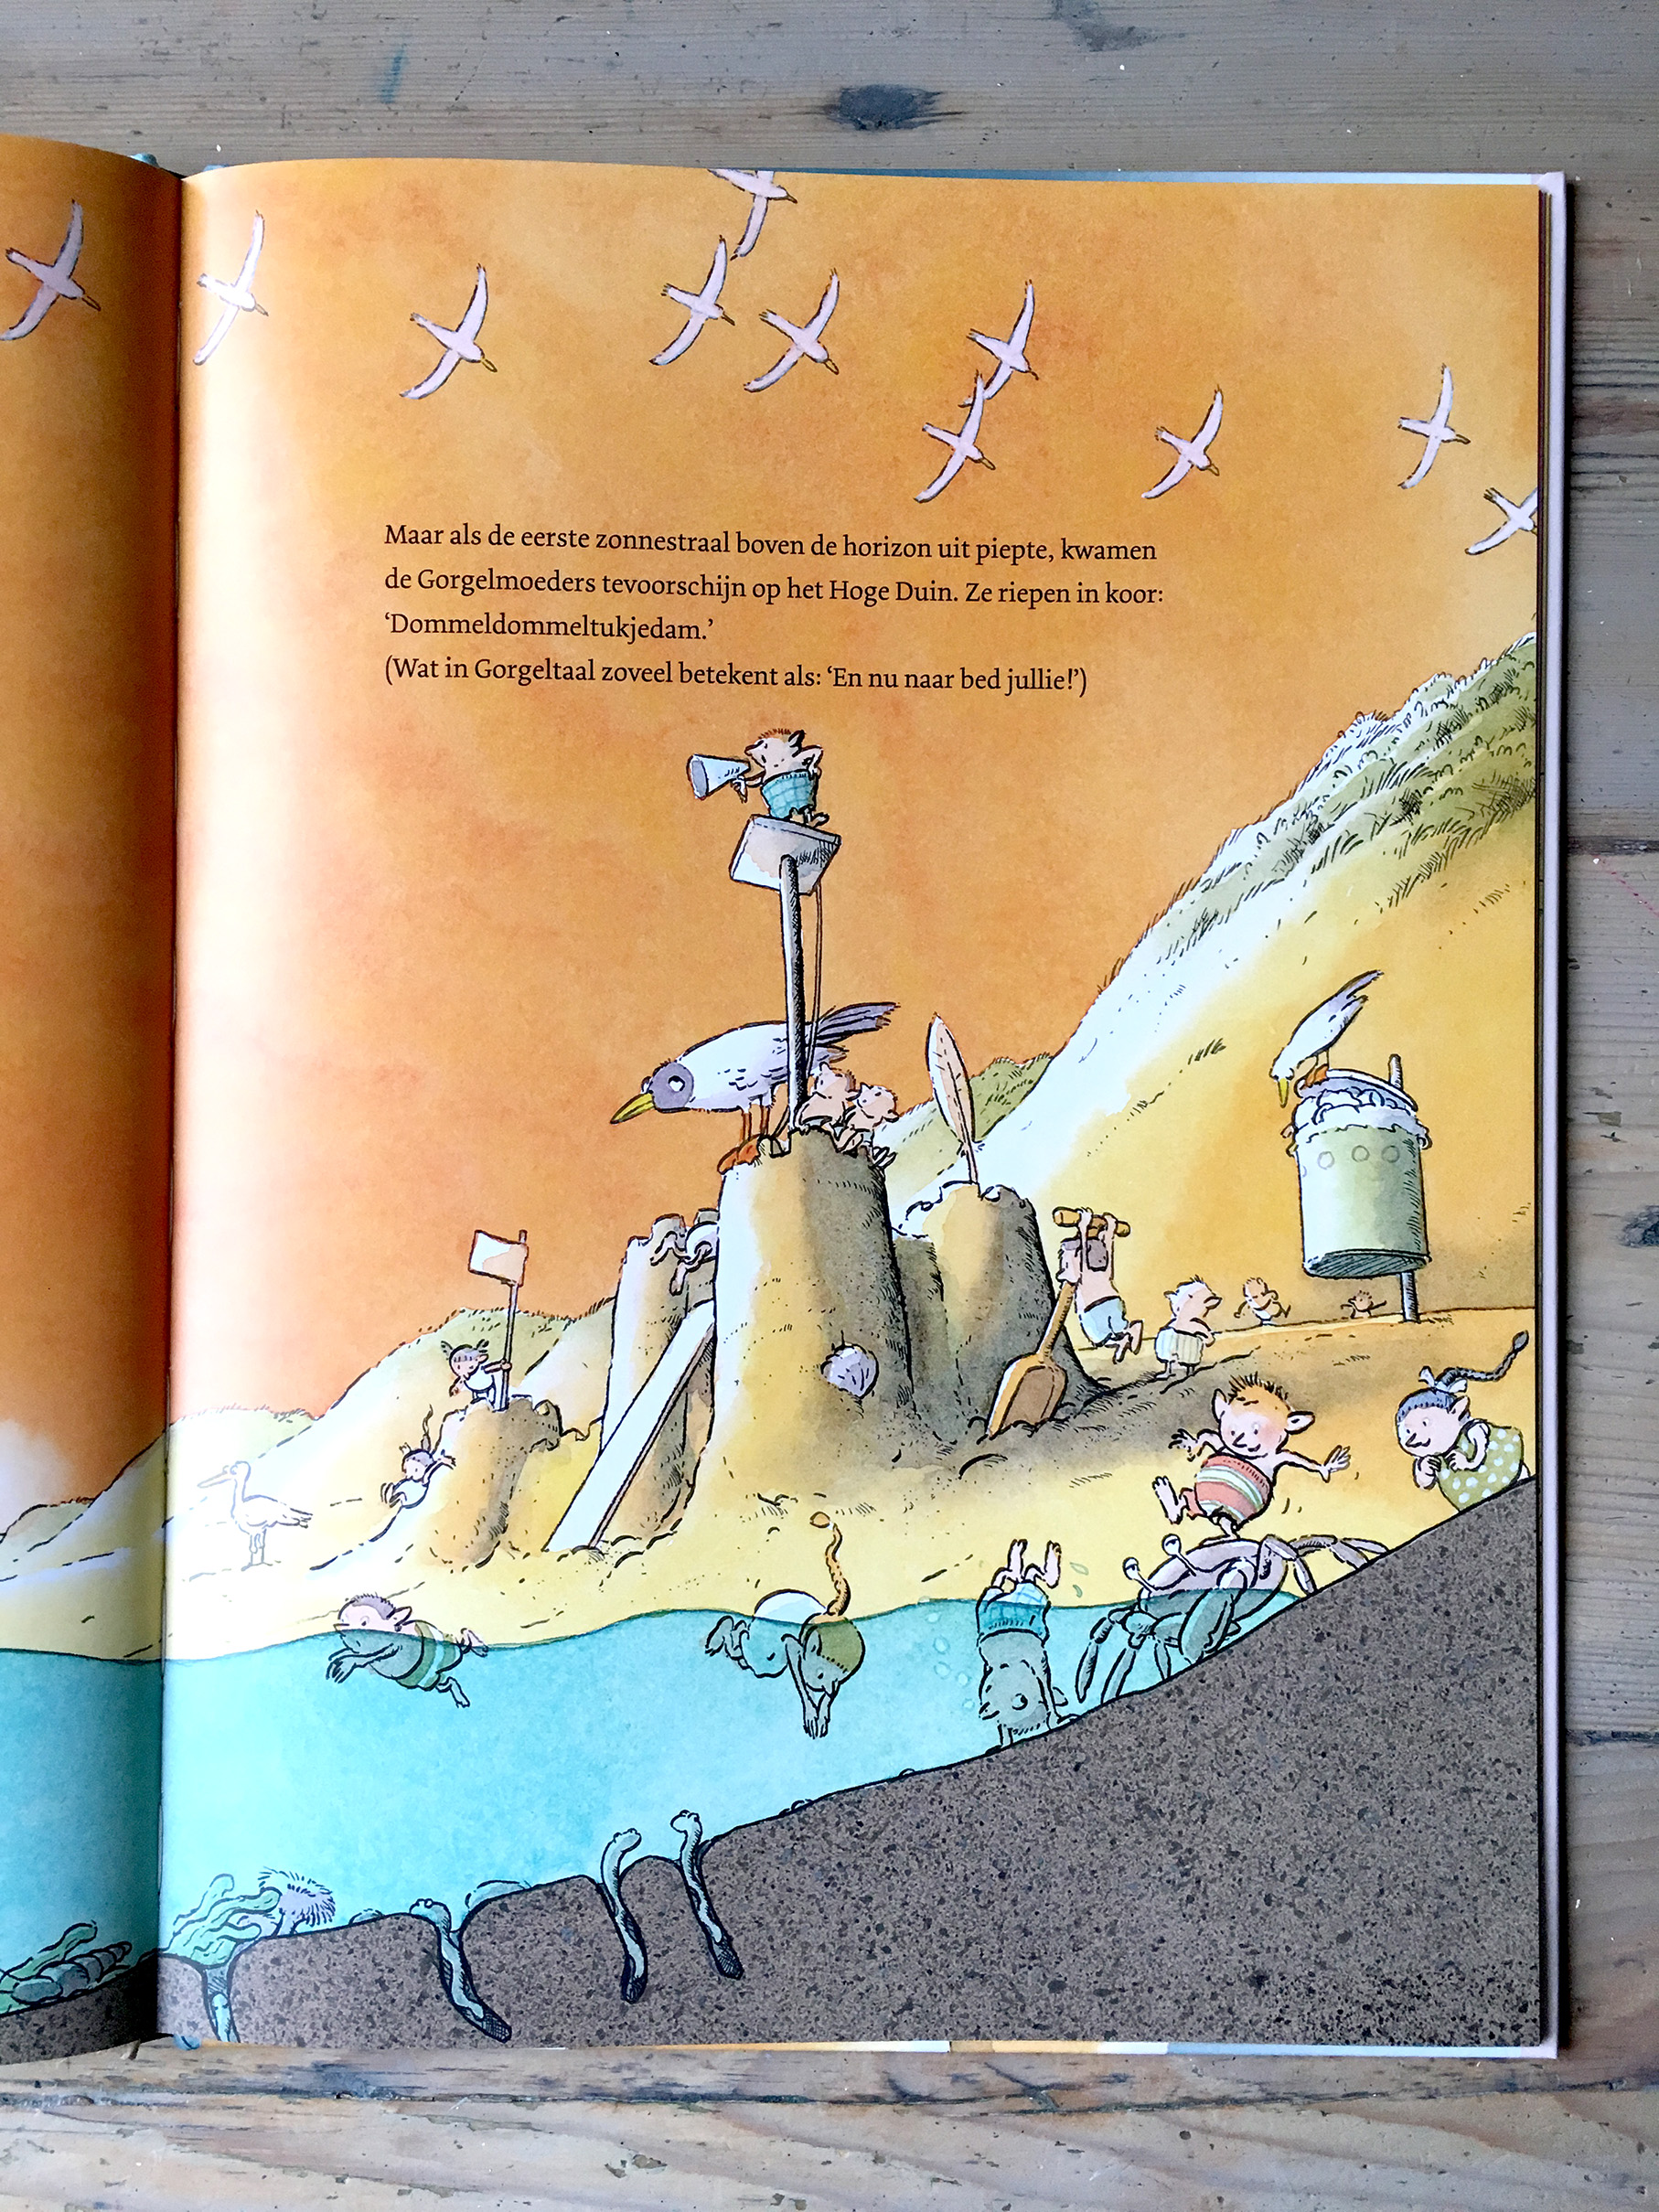 Wereld van de gorgels jochem myjer somoiso hanneke van der meer boekrecensie somoiso de - Basket thuis van de wereld ...